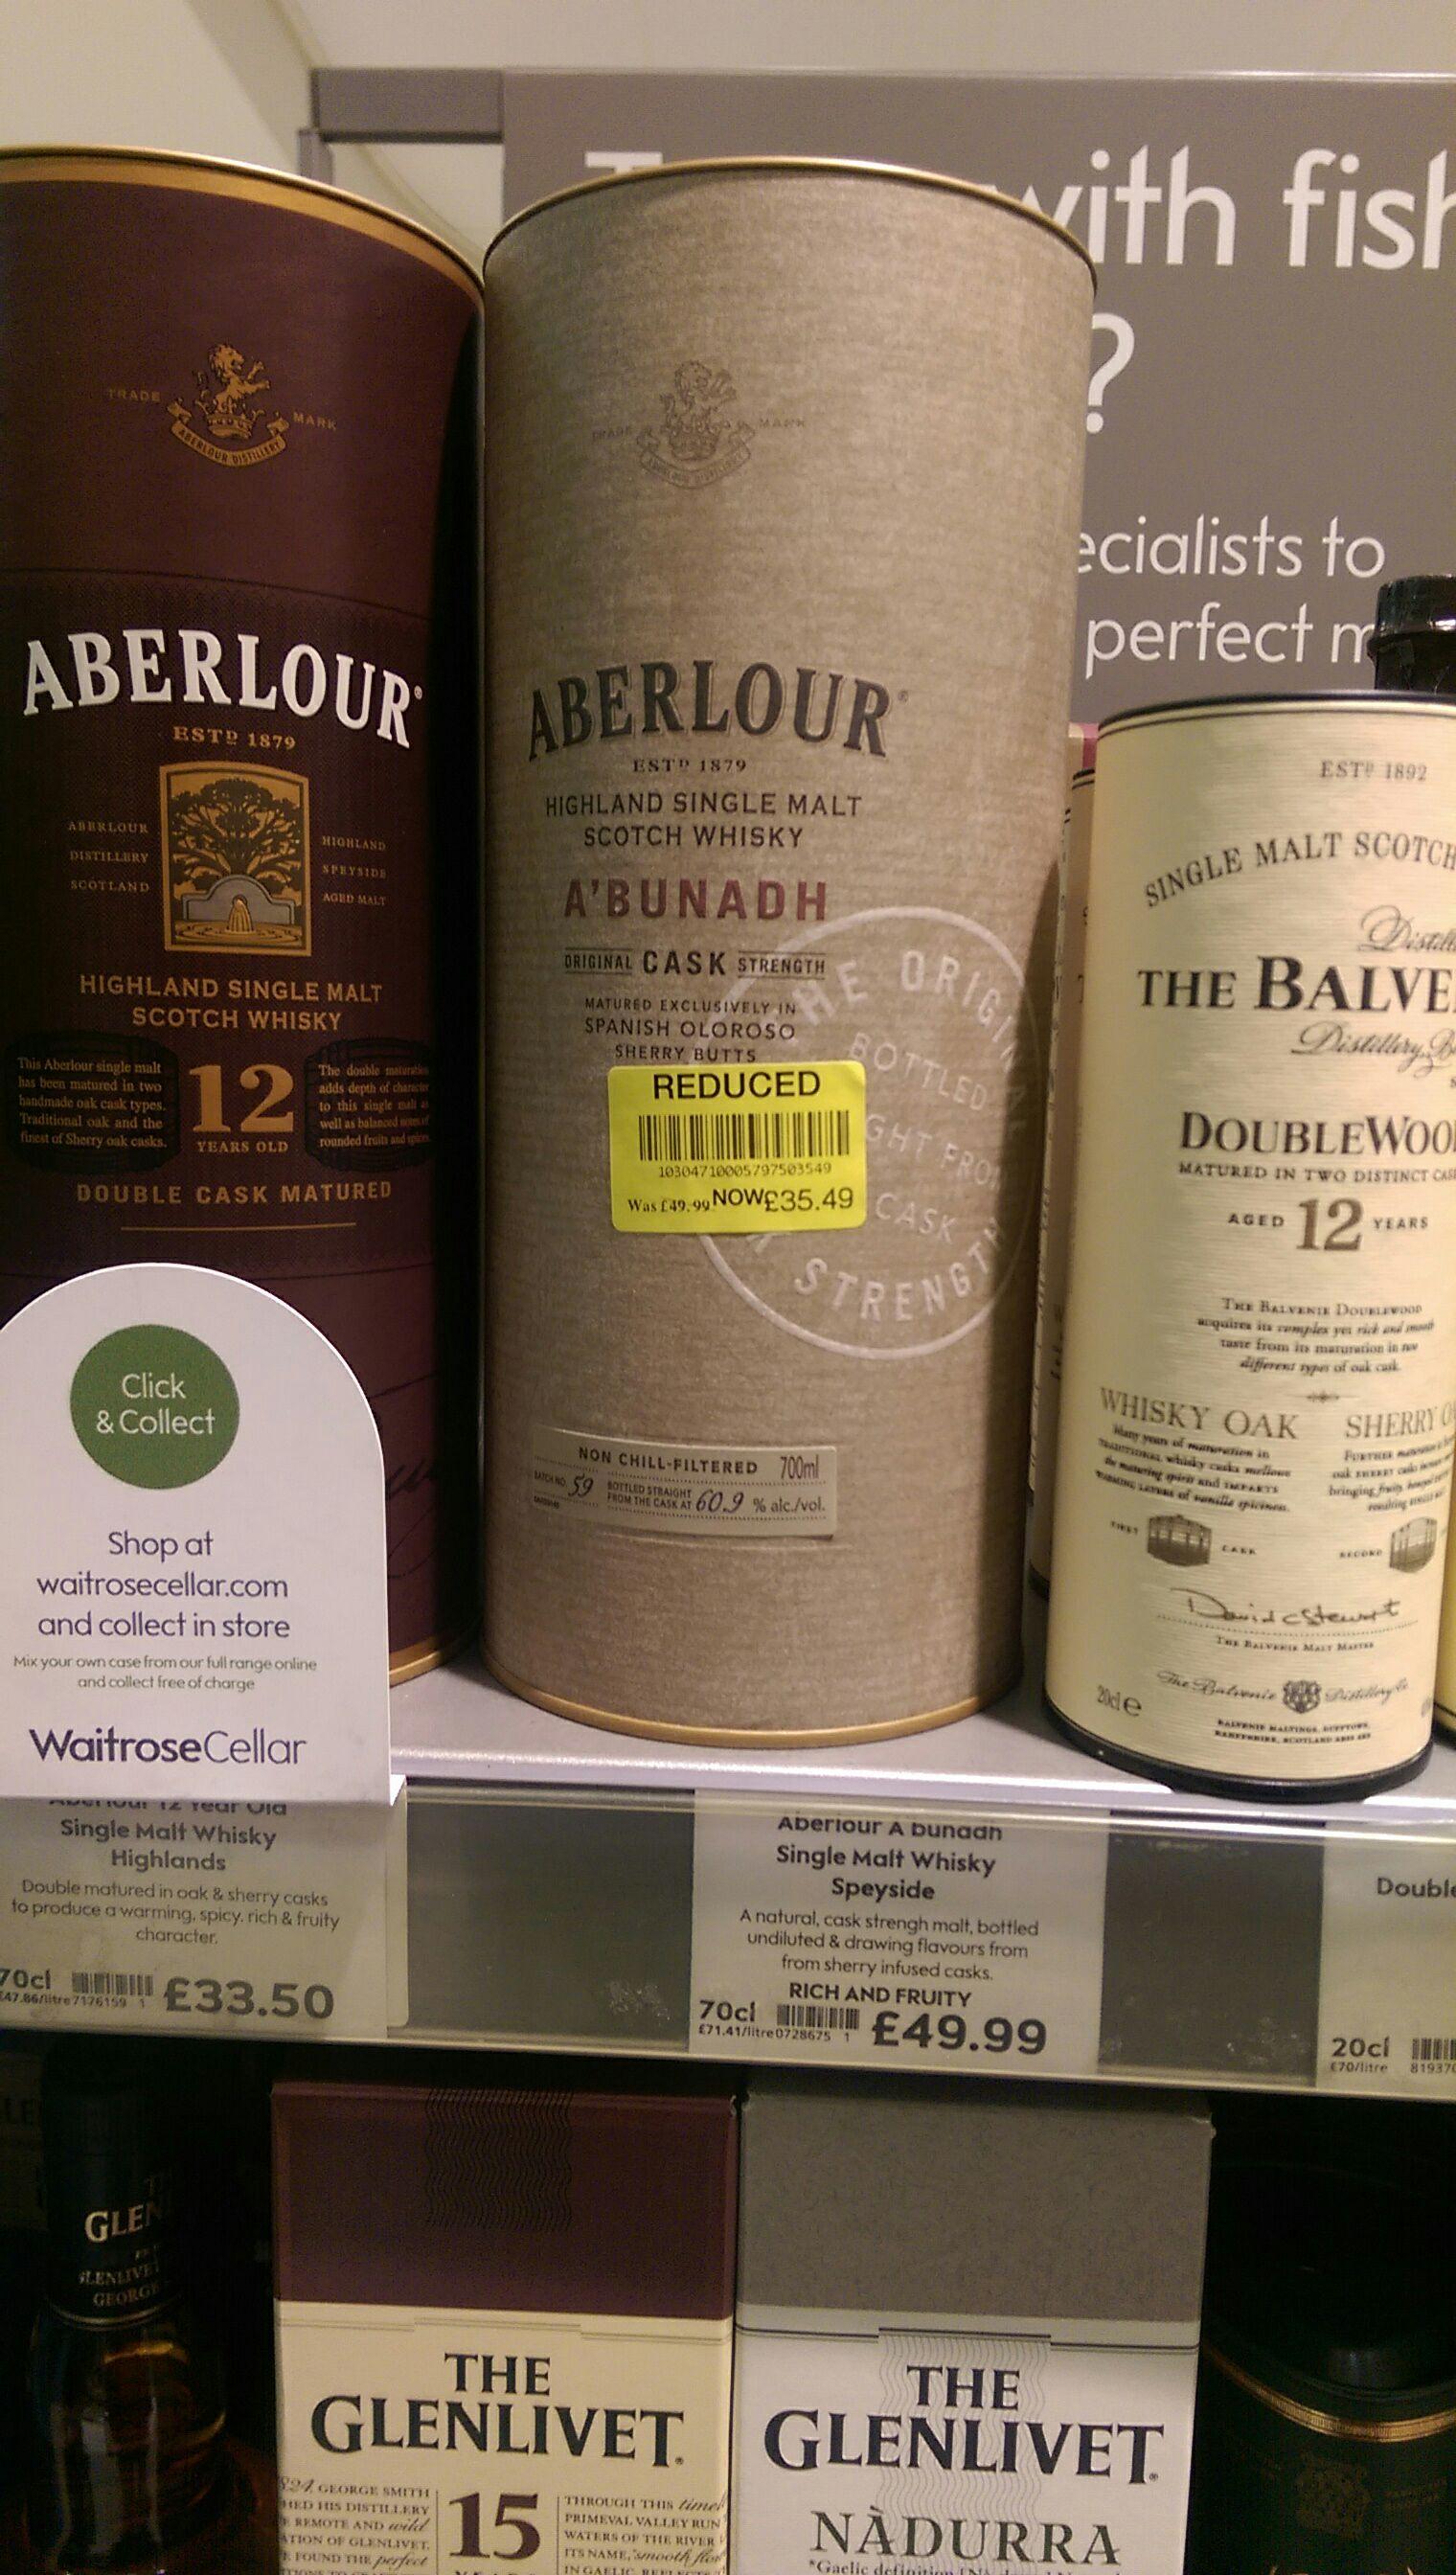 Aberlour A'bunadh Single Malt Scotch Whisky £35.49 was £49.99 at Waitrose Poynton + other drinks